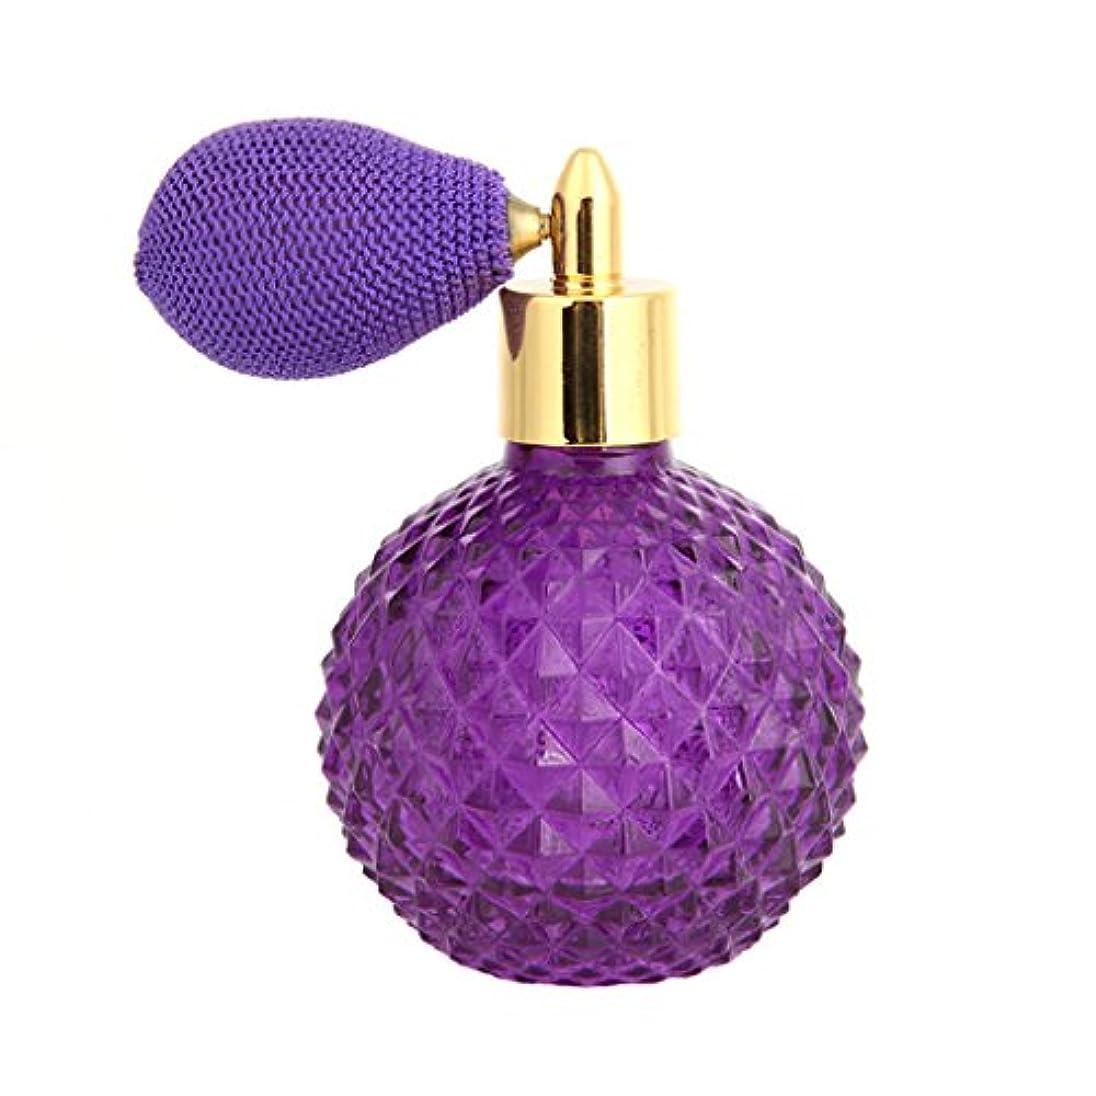 キリマンジャロ息切れ柔らかいDabixx 女性ヴィンテージ香水瓶ショートスプレーアトマイザー詰め替え空のグラス100ミリリットル - 紫の